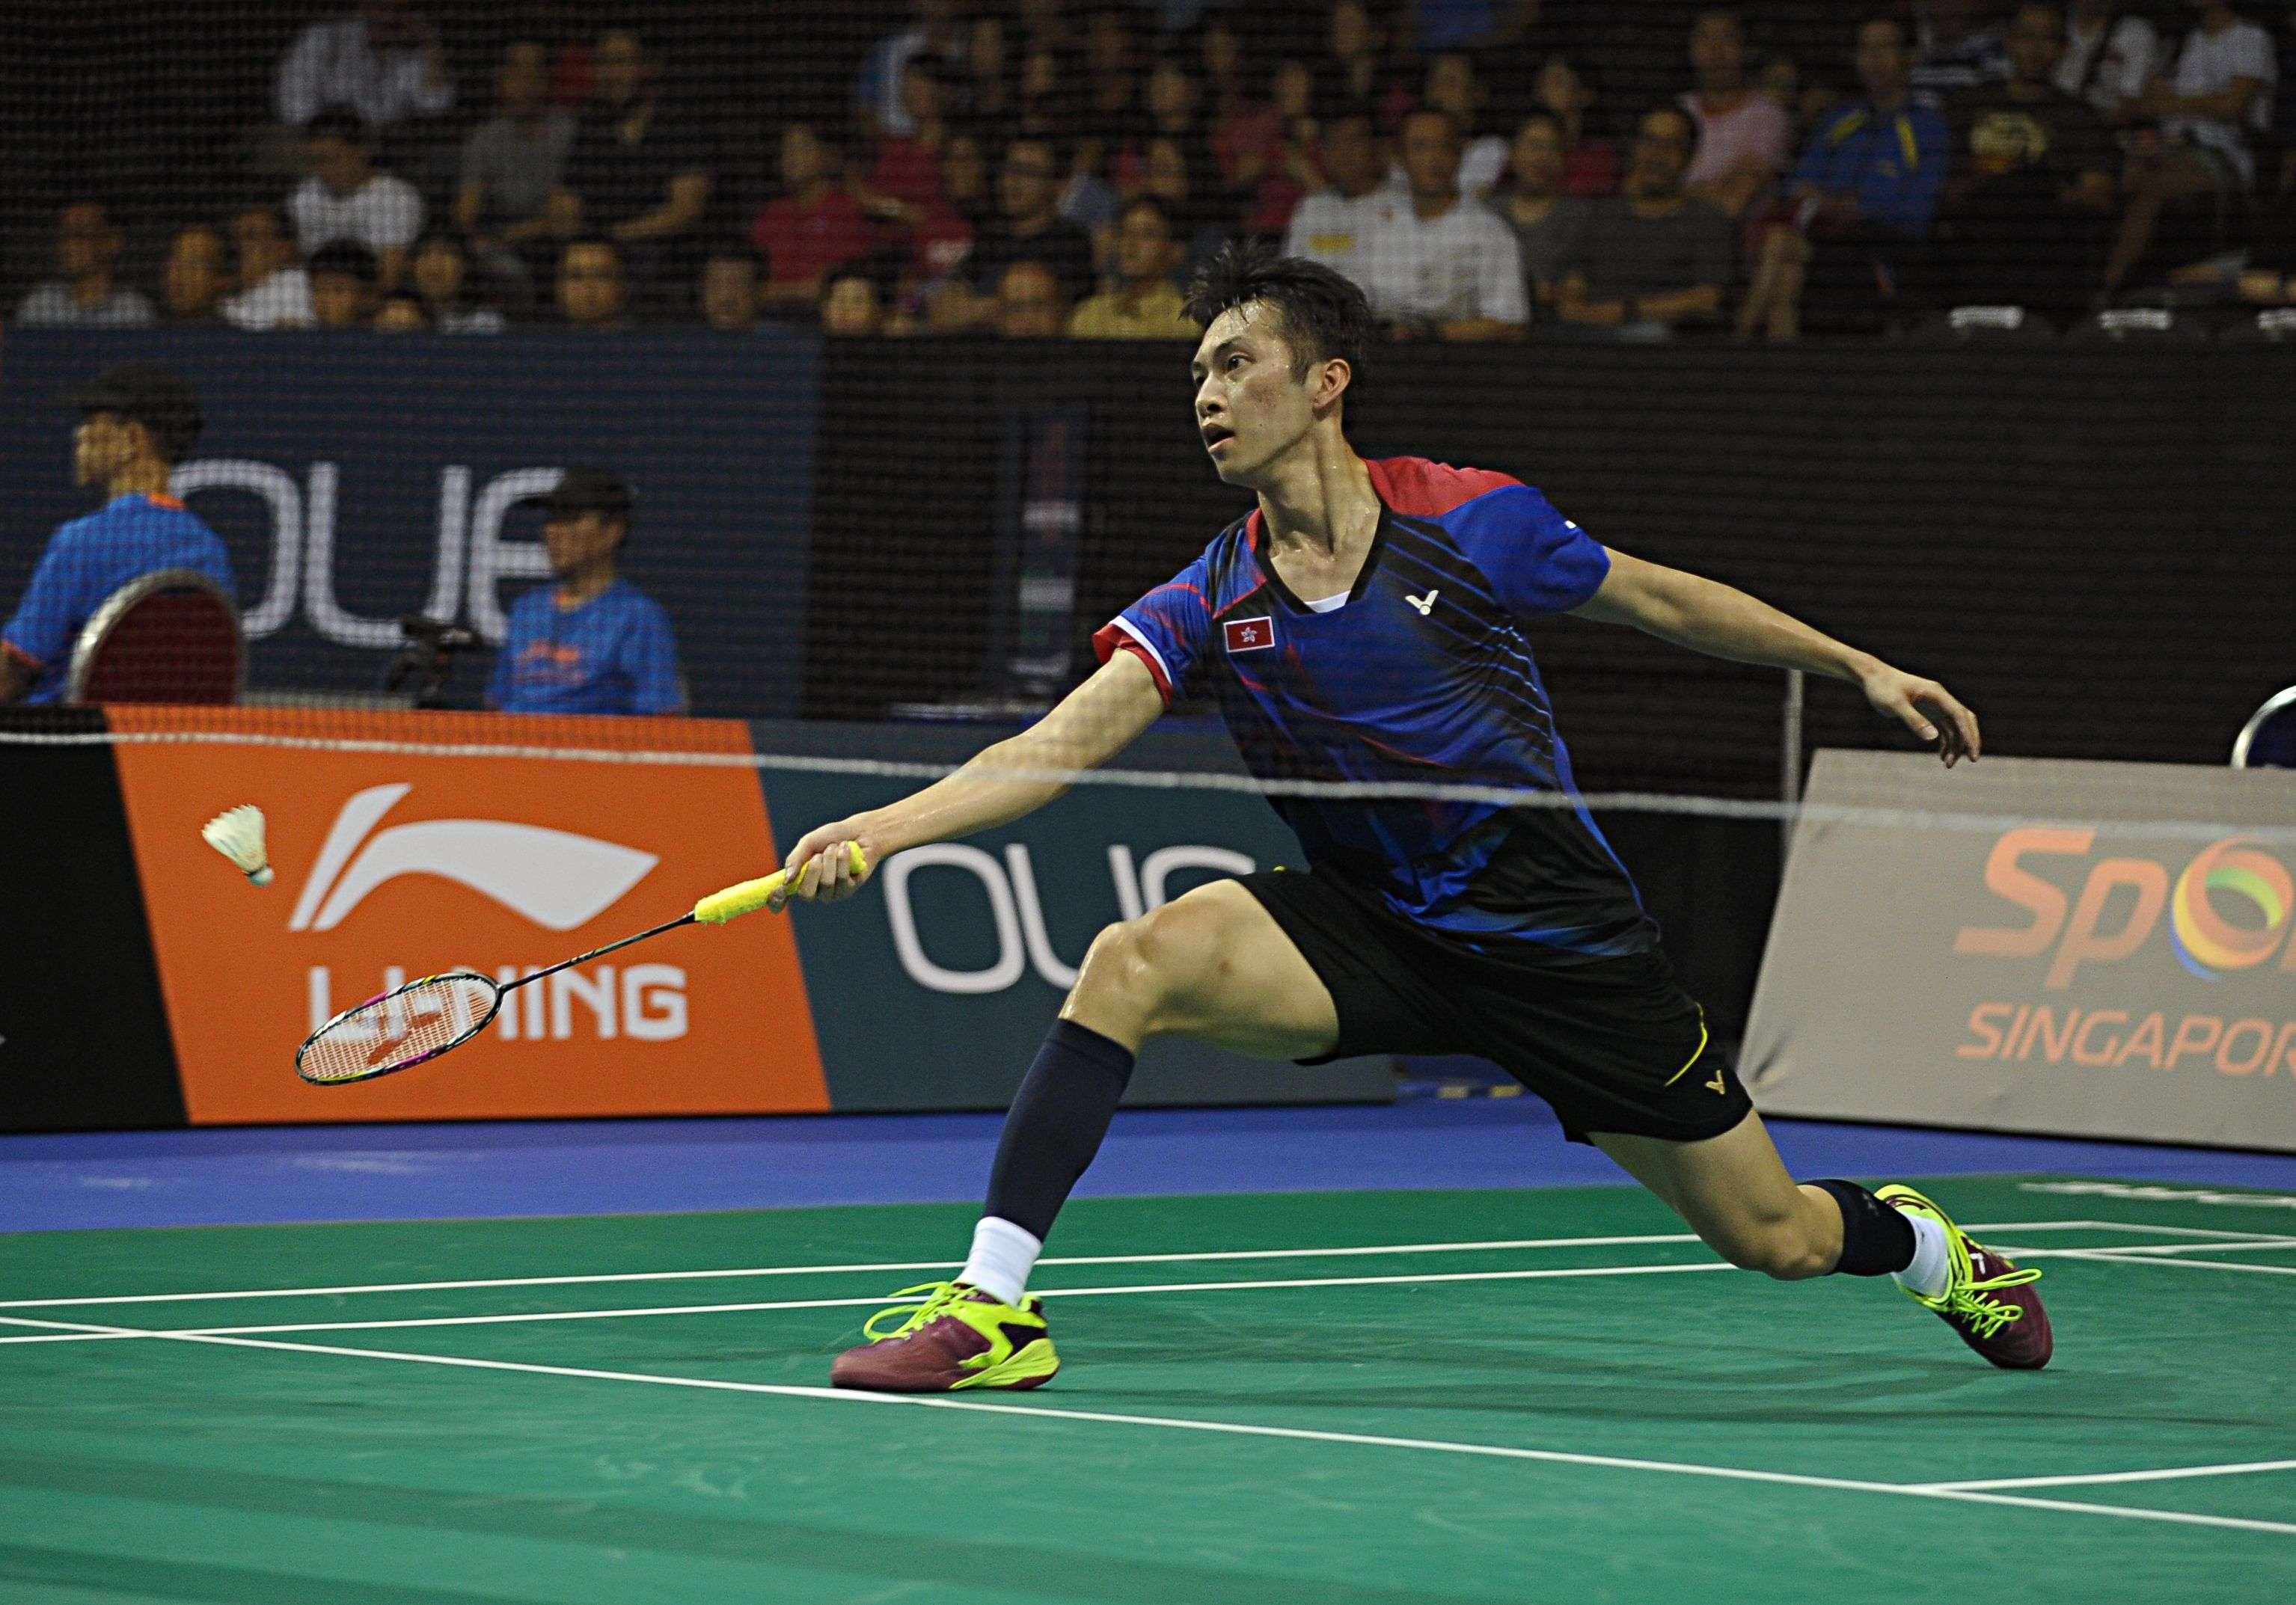 Hong Kong s Ng Ka long beats badminton world No 1 Chen Long in